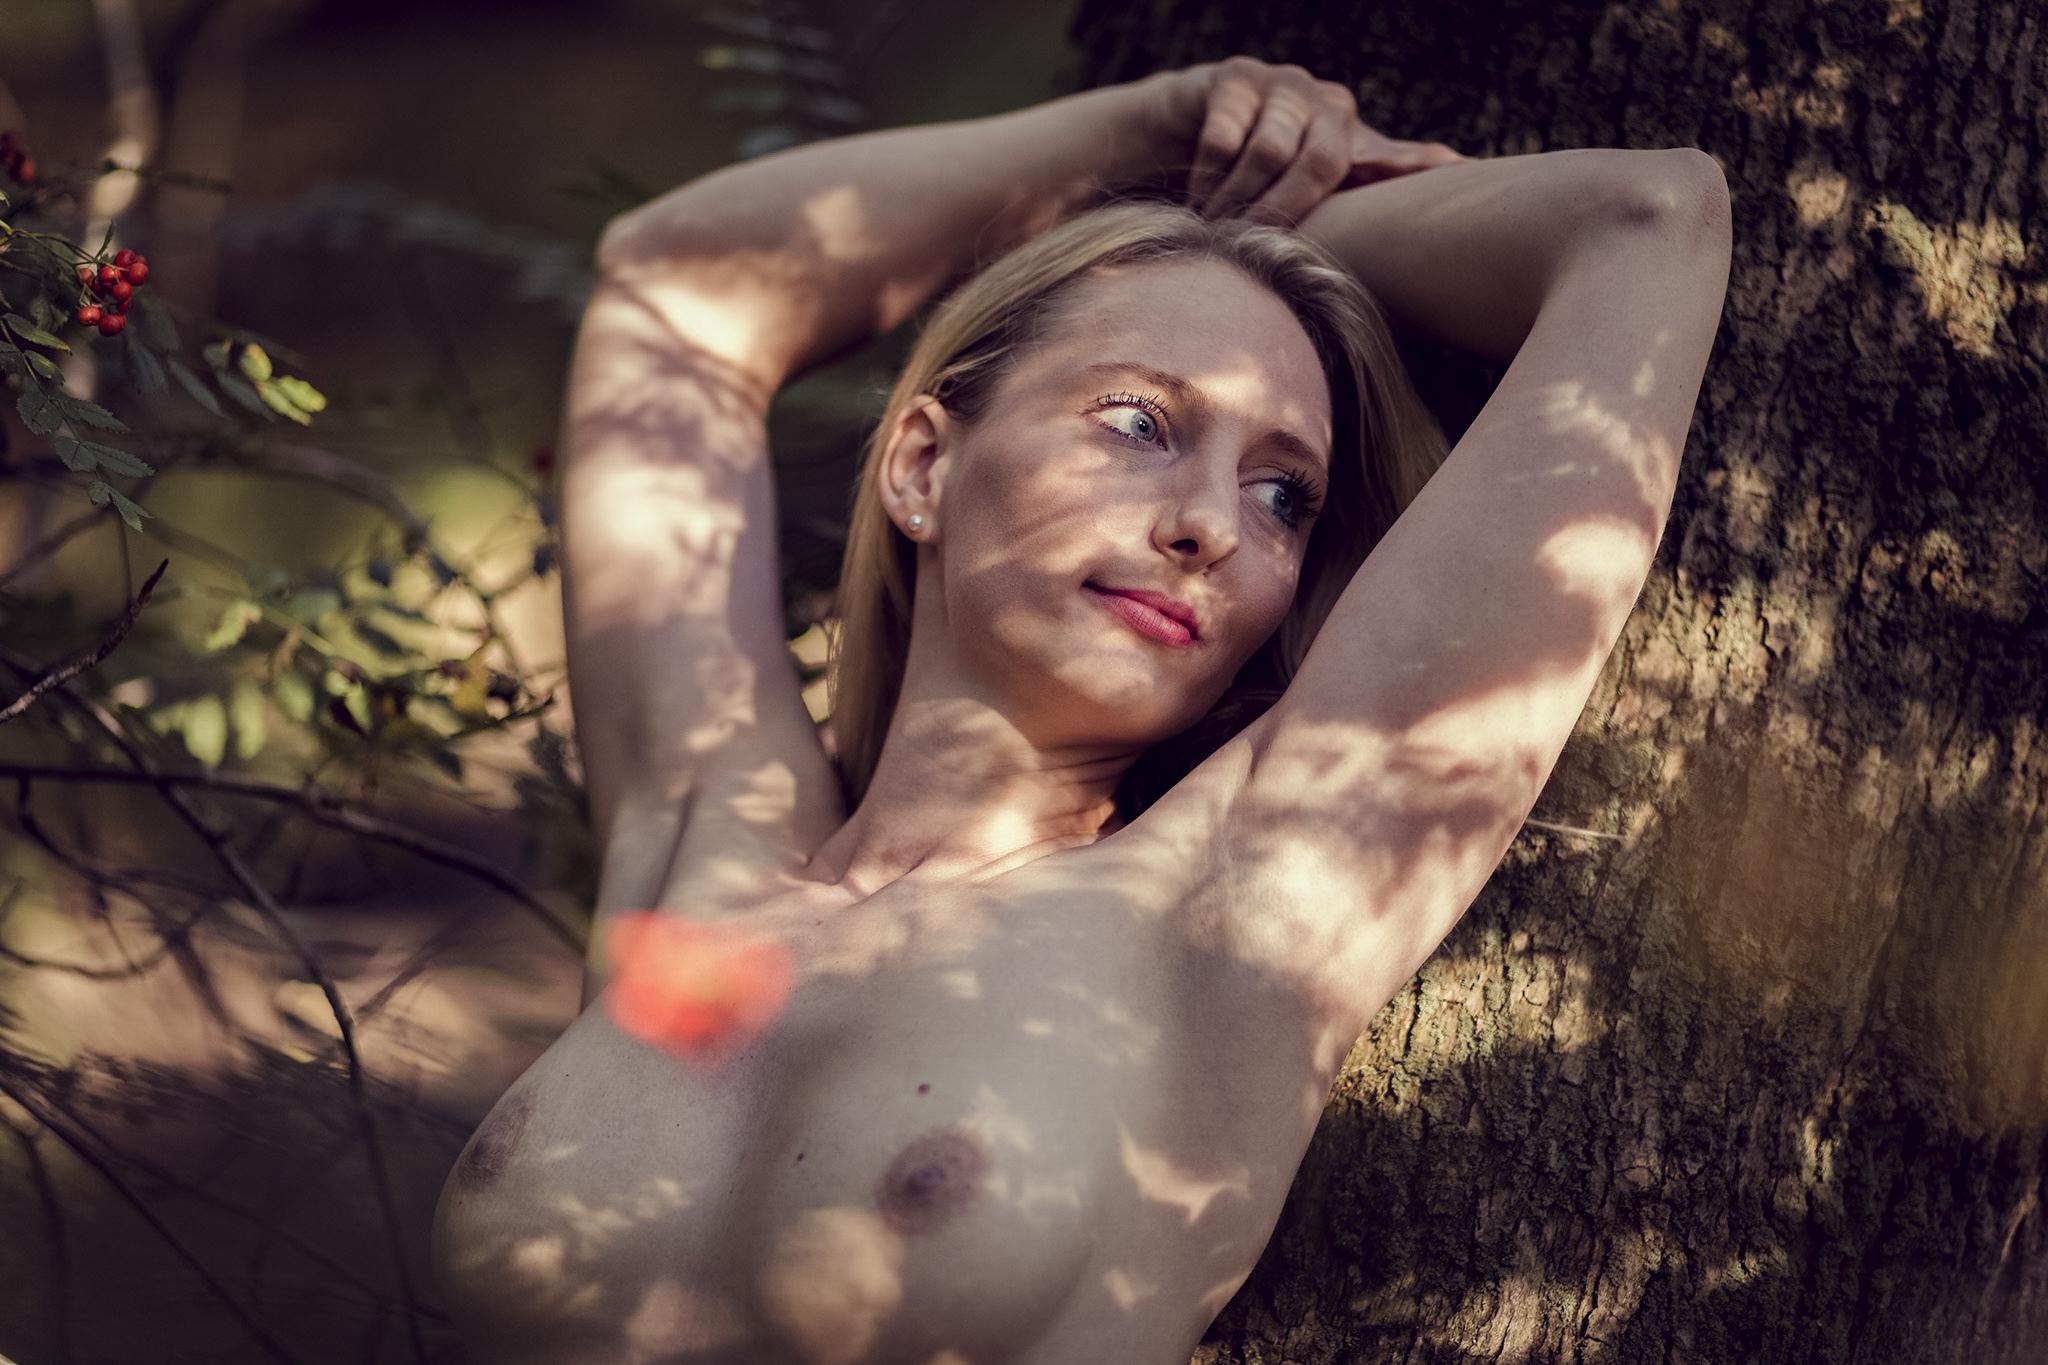 Stimmungsvoll Aktfotografie Outdoor Akt nackt Busen Brust Baum erotisch sinnlich